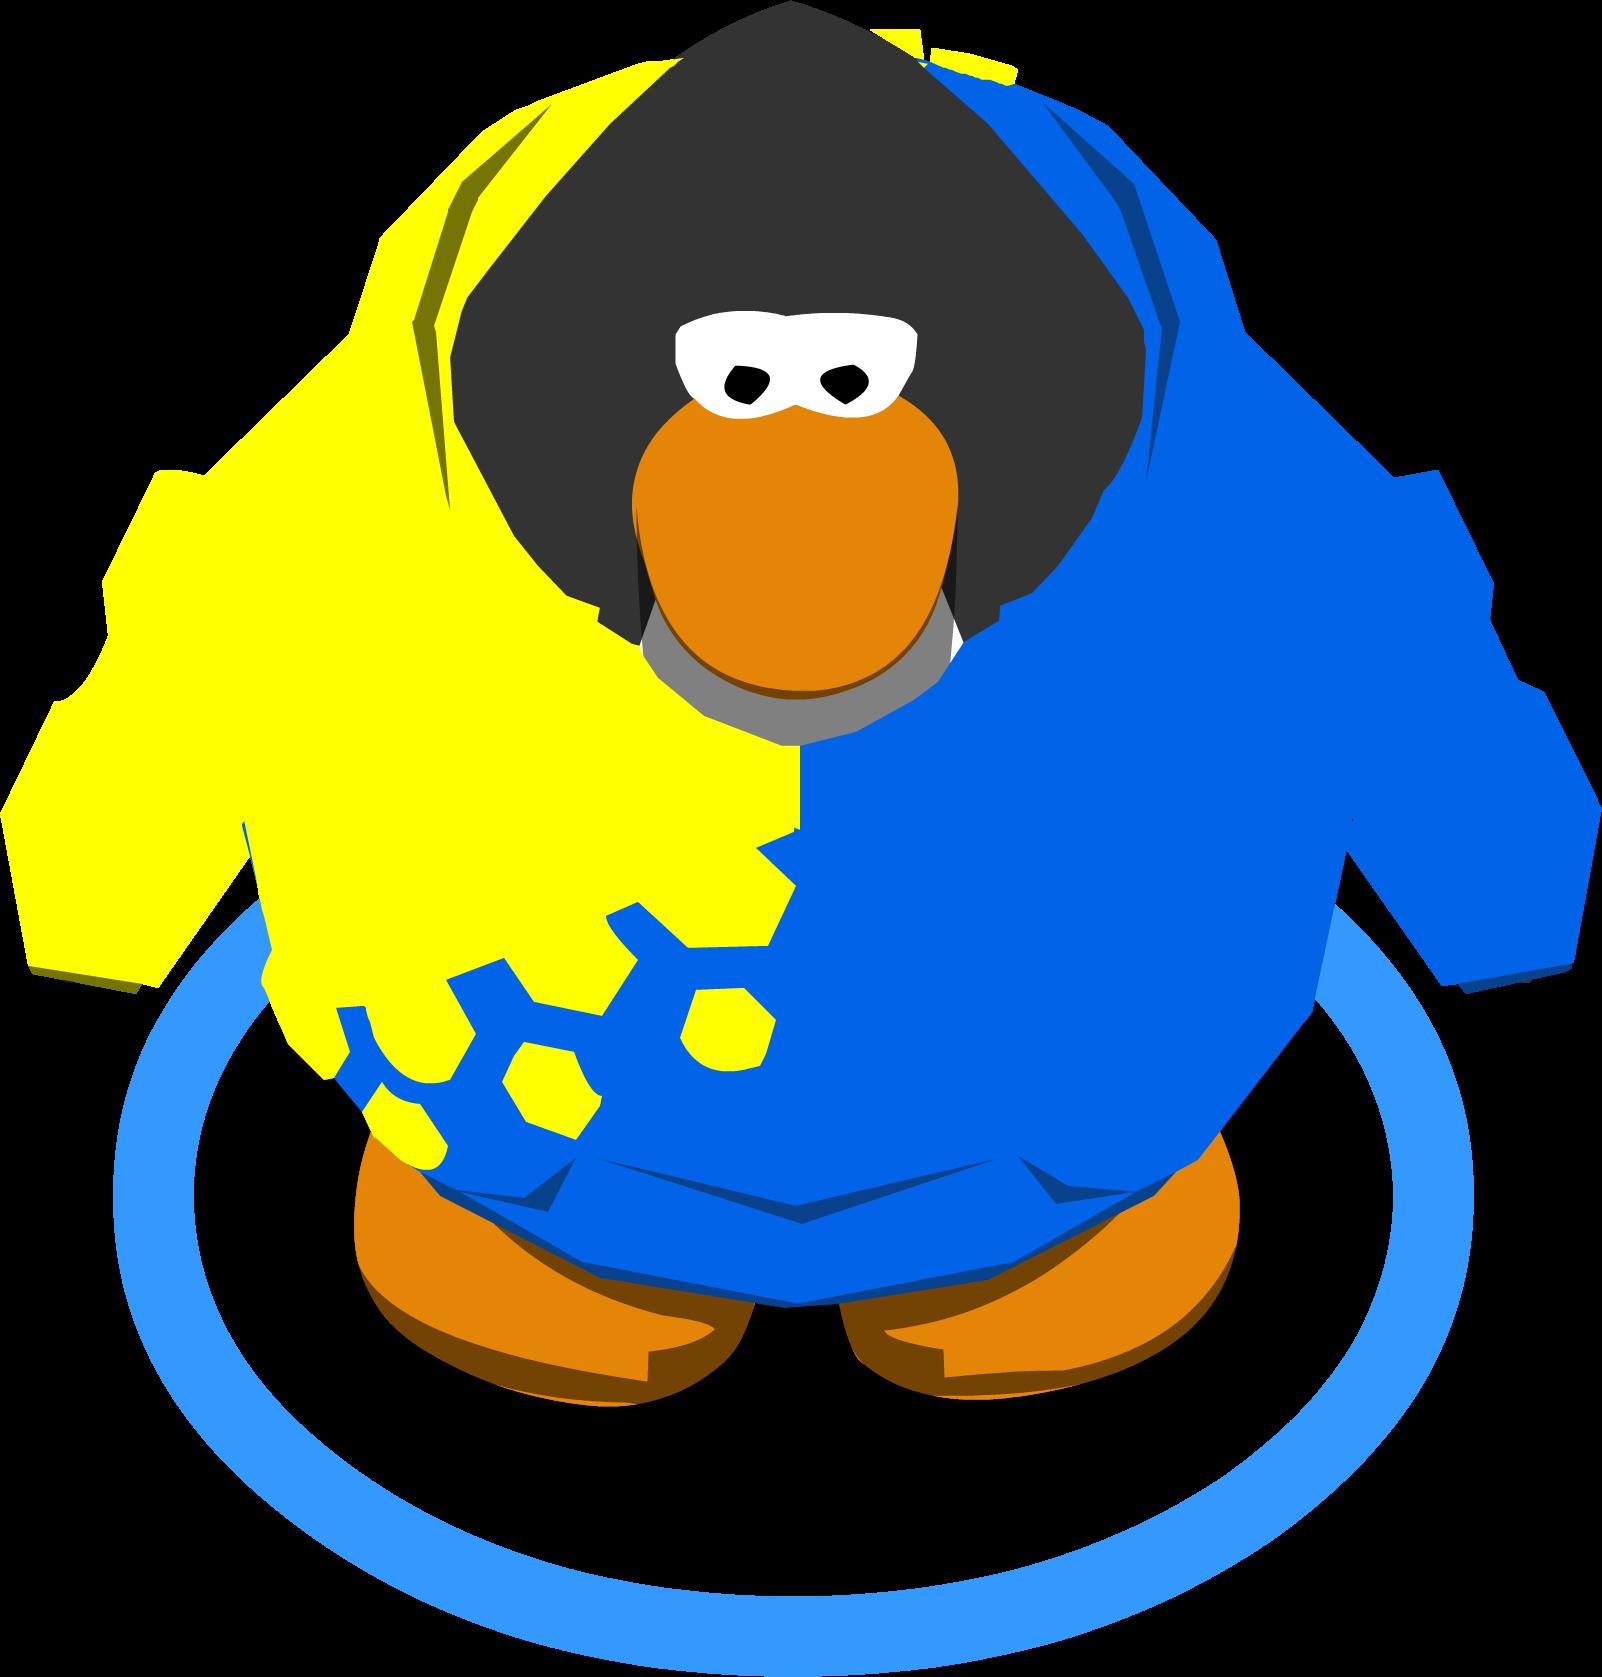 Blue Blend Hoodie IG